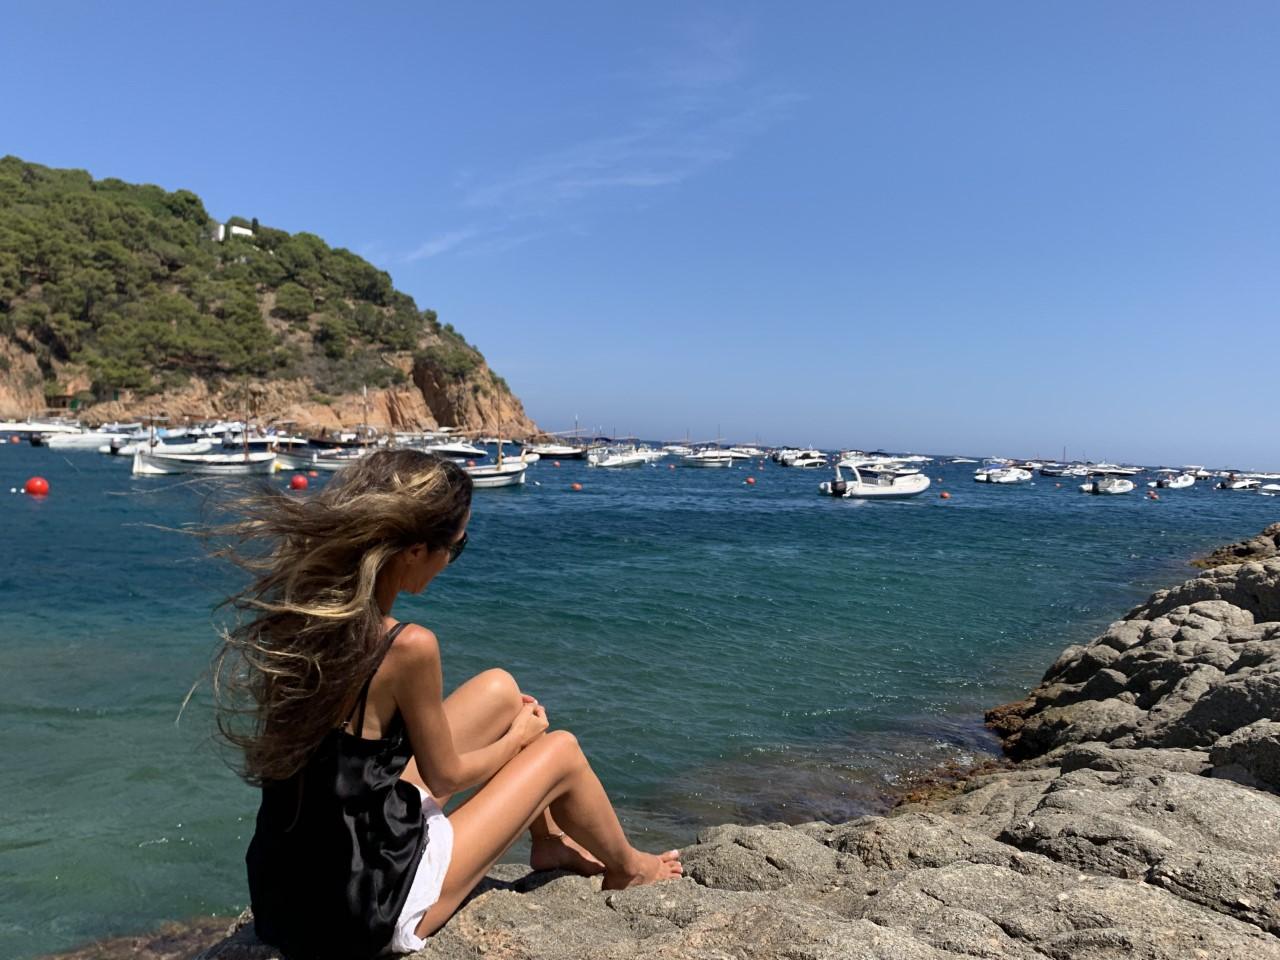 La Costa Brava se caracteriza por su litoral agreste y escarpado